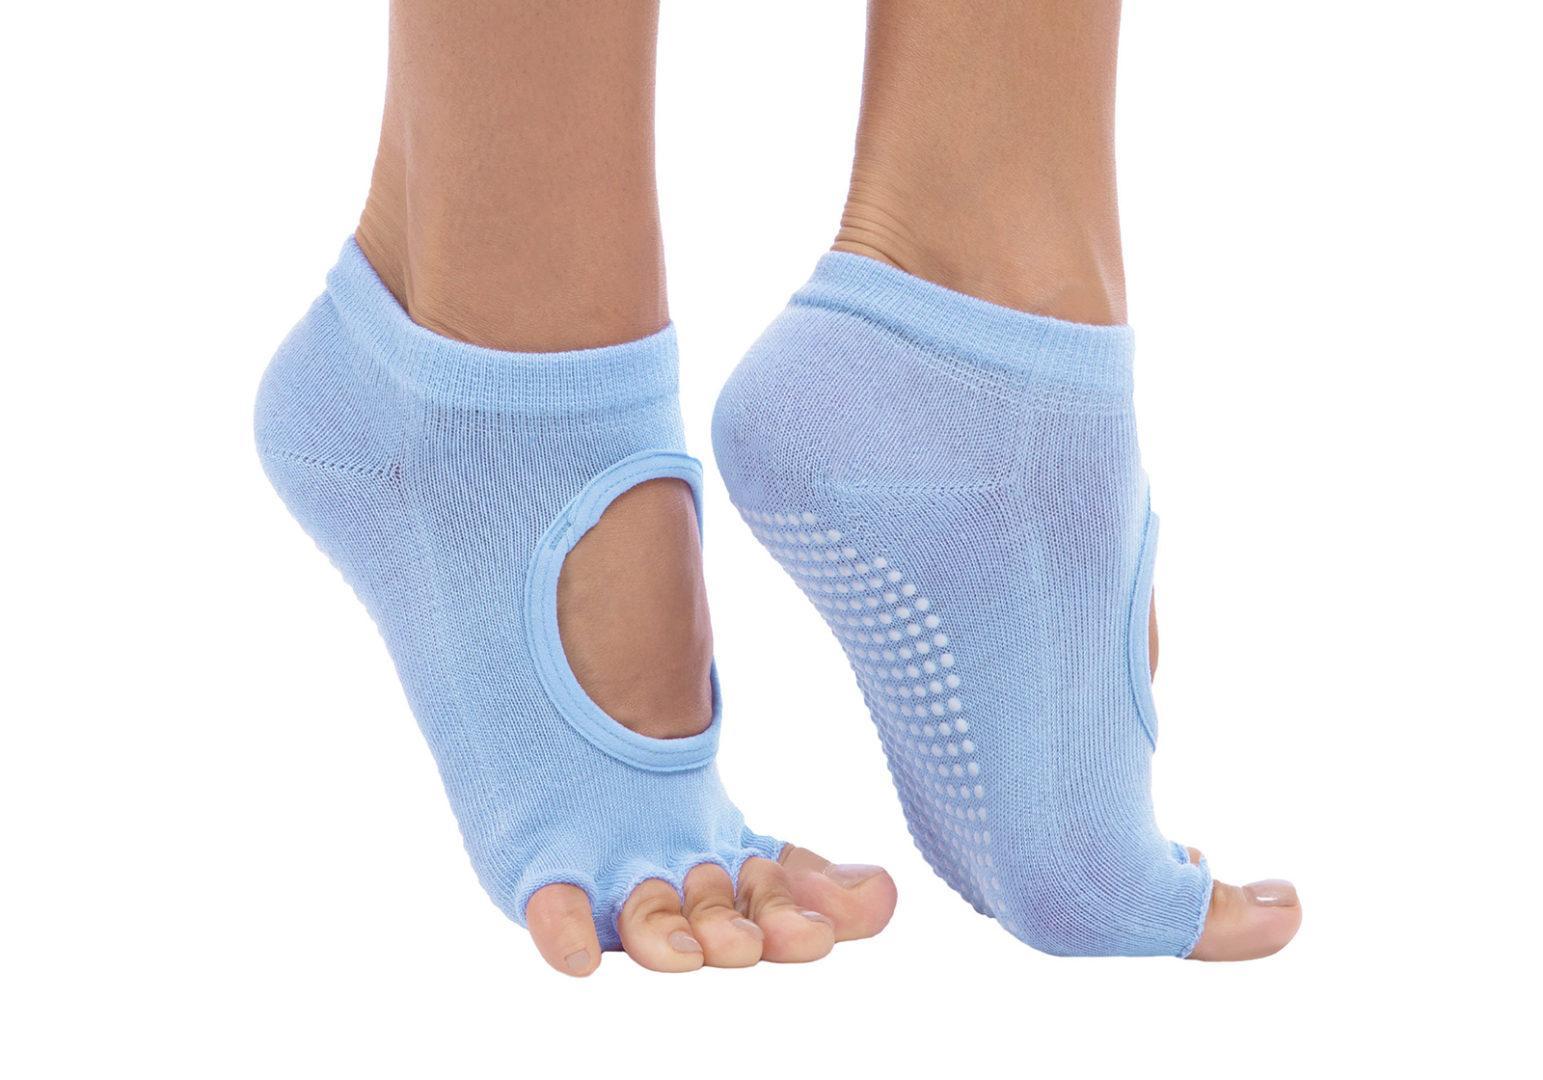 noski-dlya-jogi-samantha-wd-rao-socks-2-1543×1080